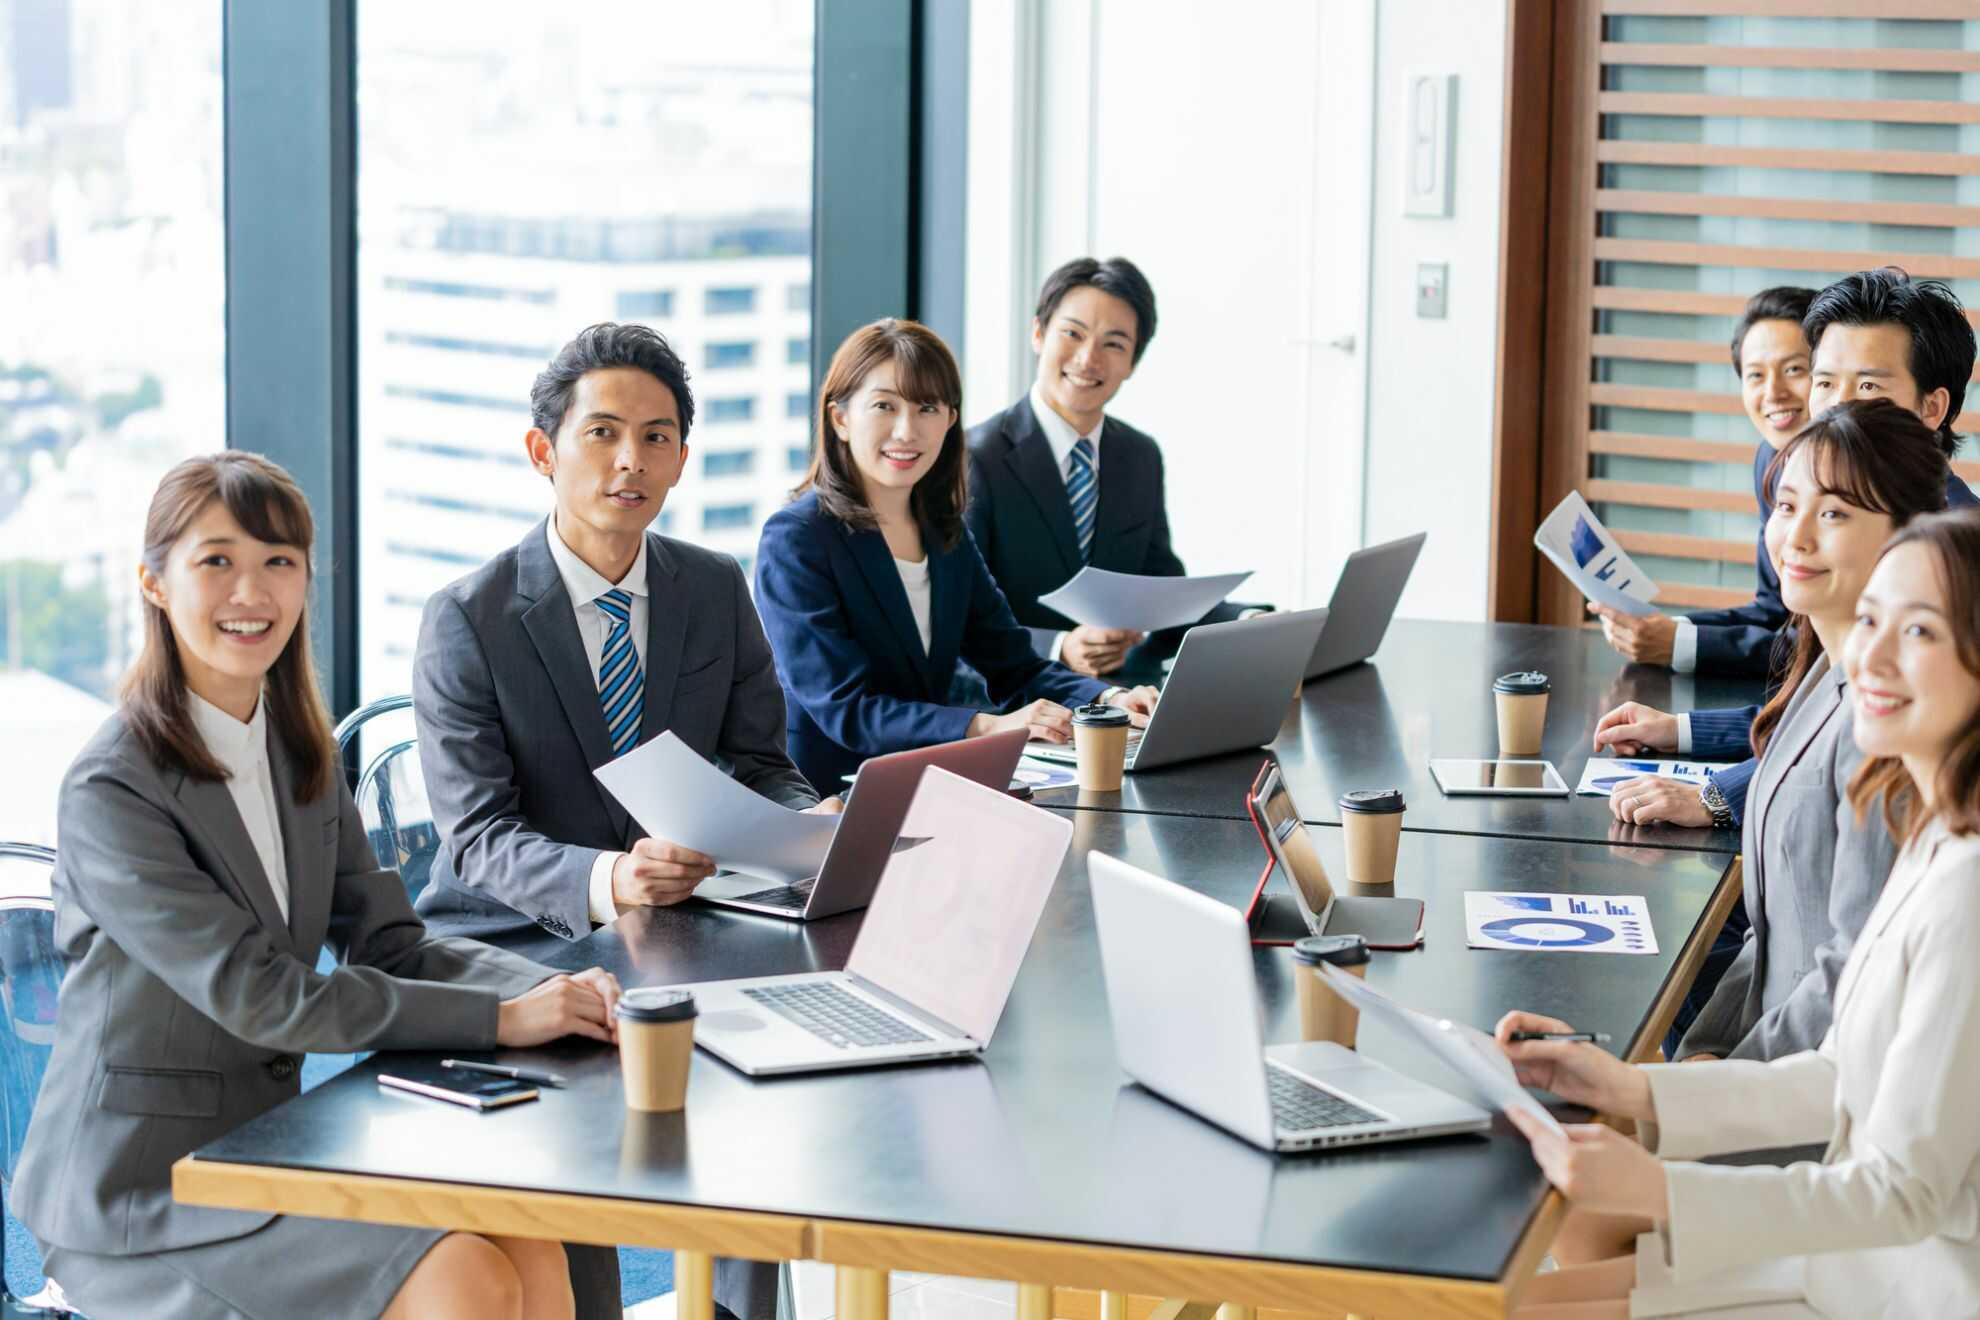 机に座ってこちらを見つめているビジネスパーソンたち